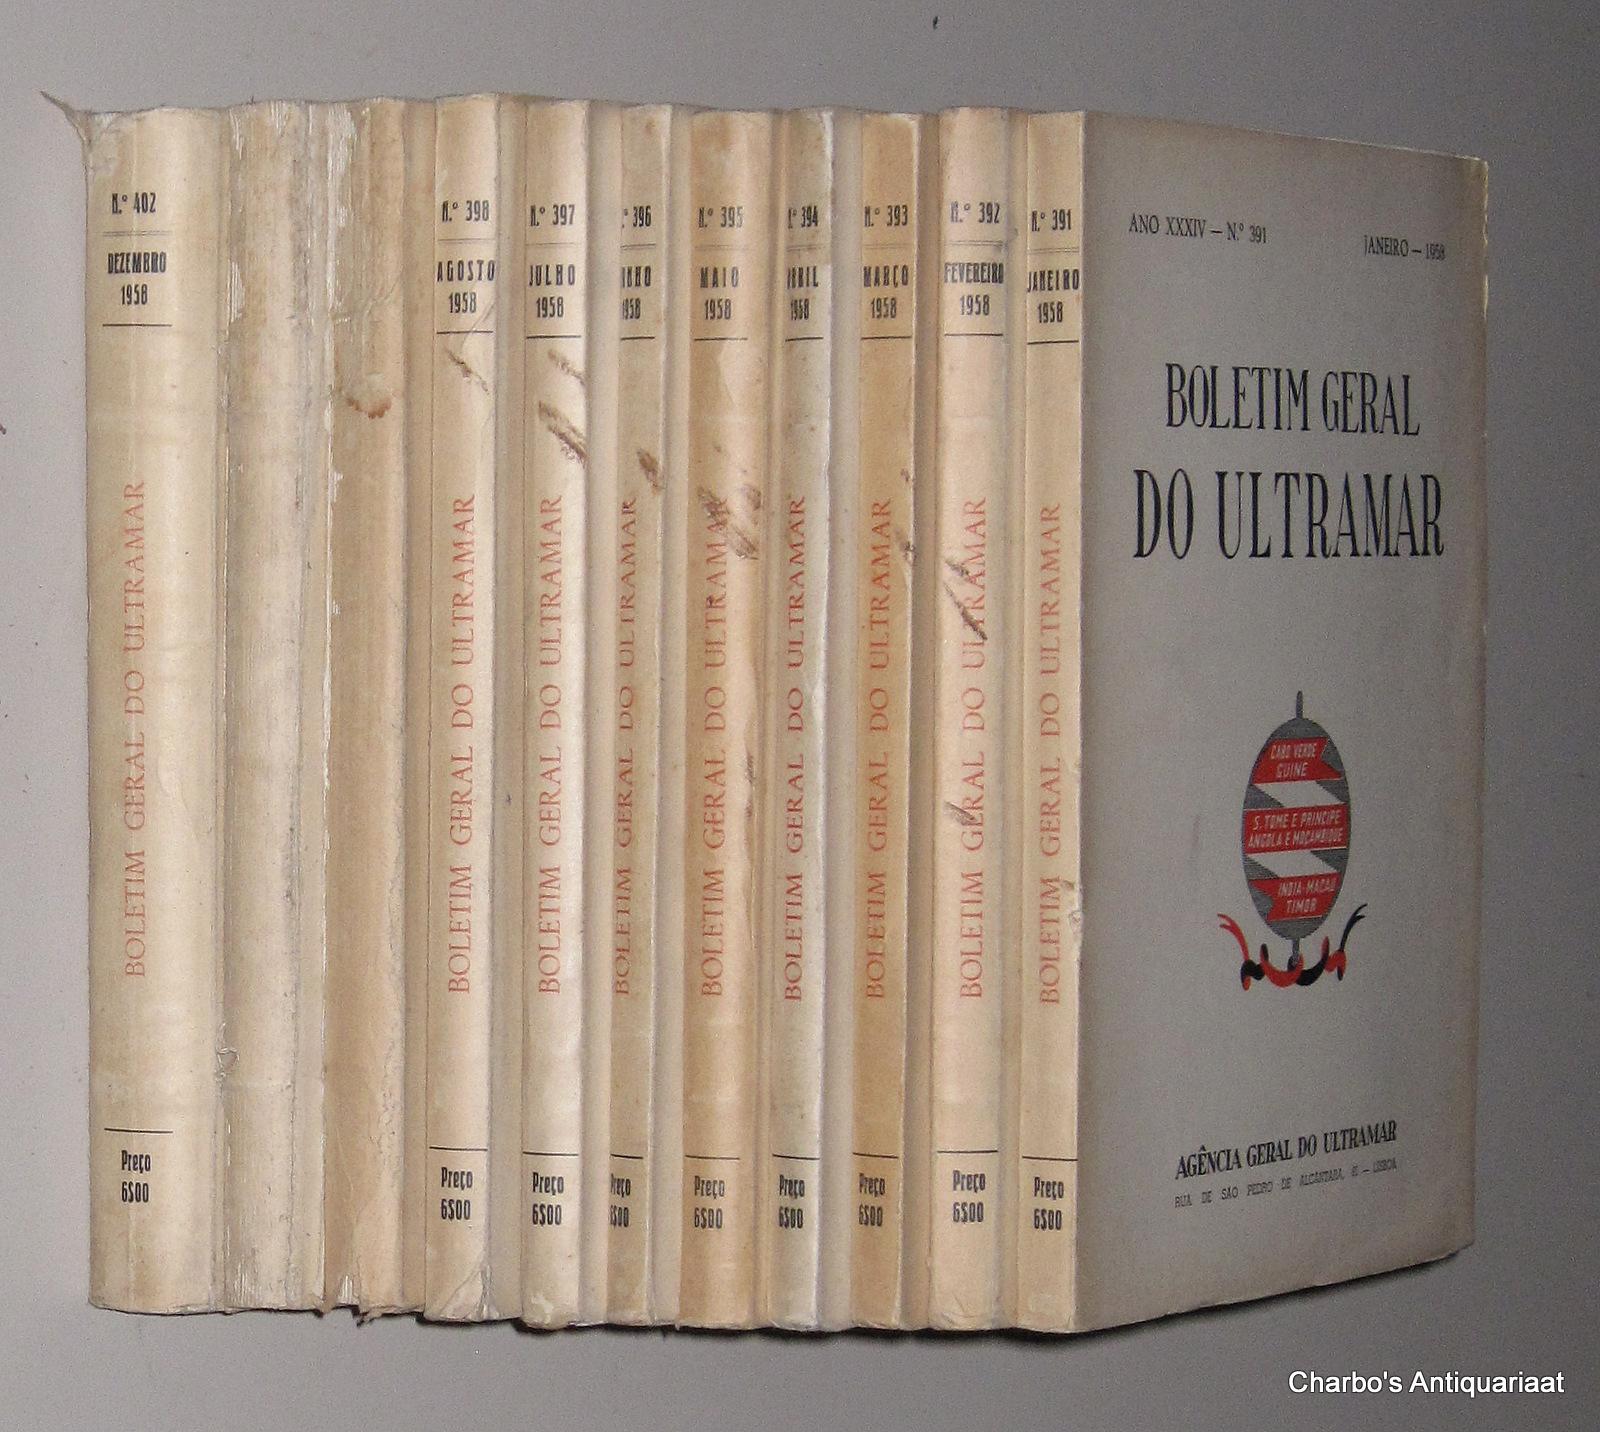 AGENCIA GERAL DO ULTRAMAR, -  Boletim Geral do Ultramar, ano XXXIV No.391, Janeiro - No. 402, Dezembro 1958.